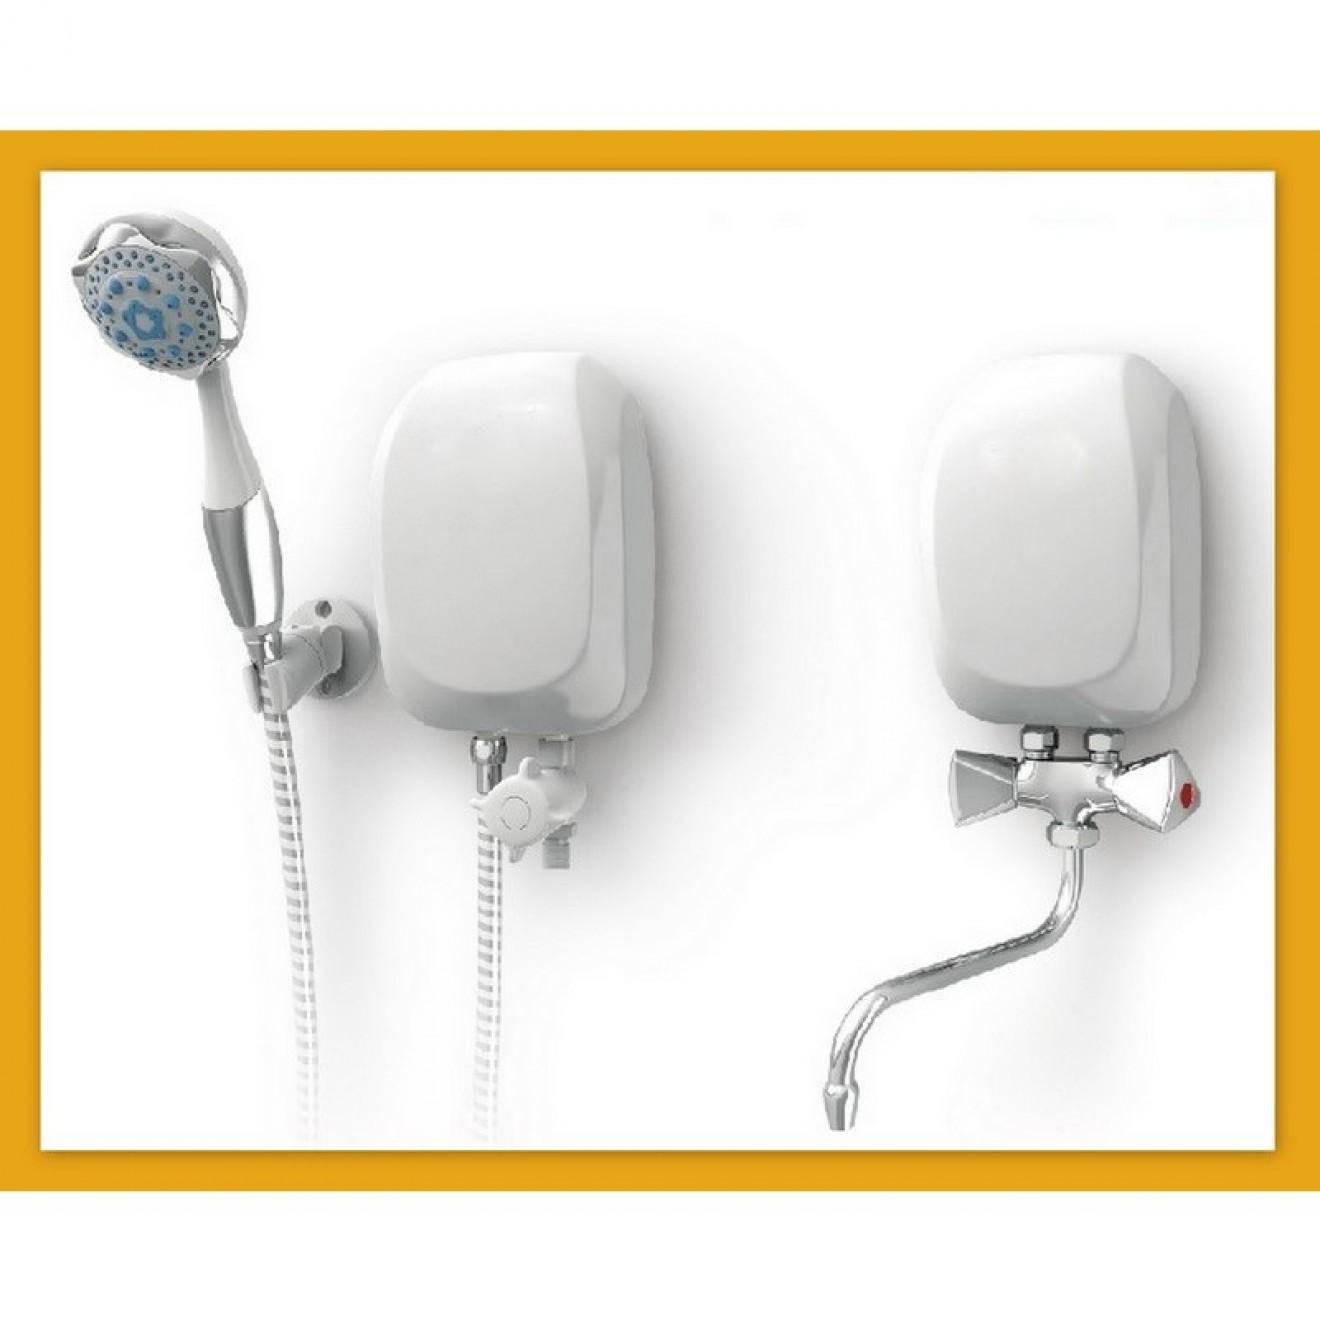 elektronischer durchlauferhitzer 3,5 kw 5,0 kw 7,0 kw küche bad